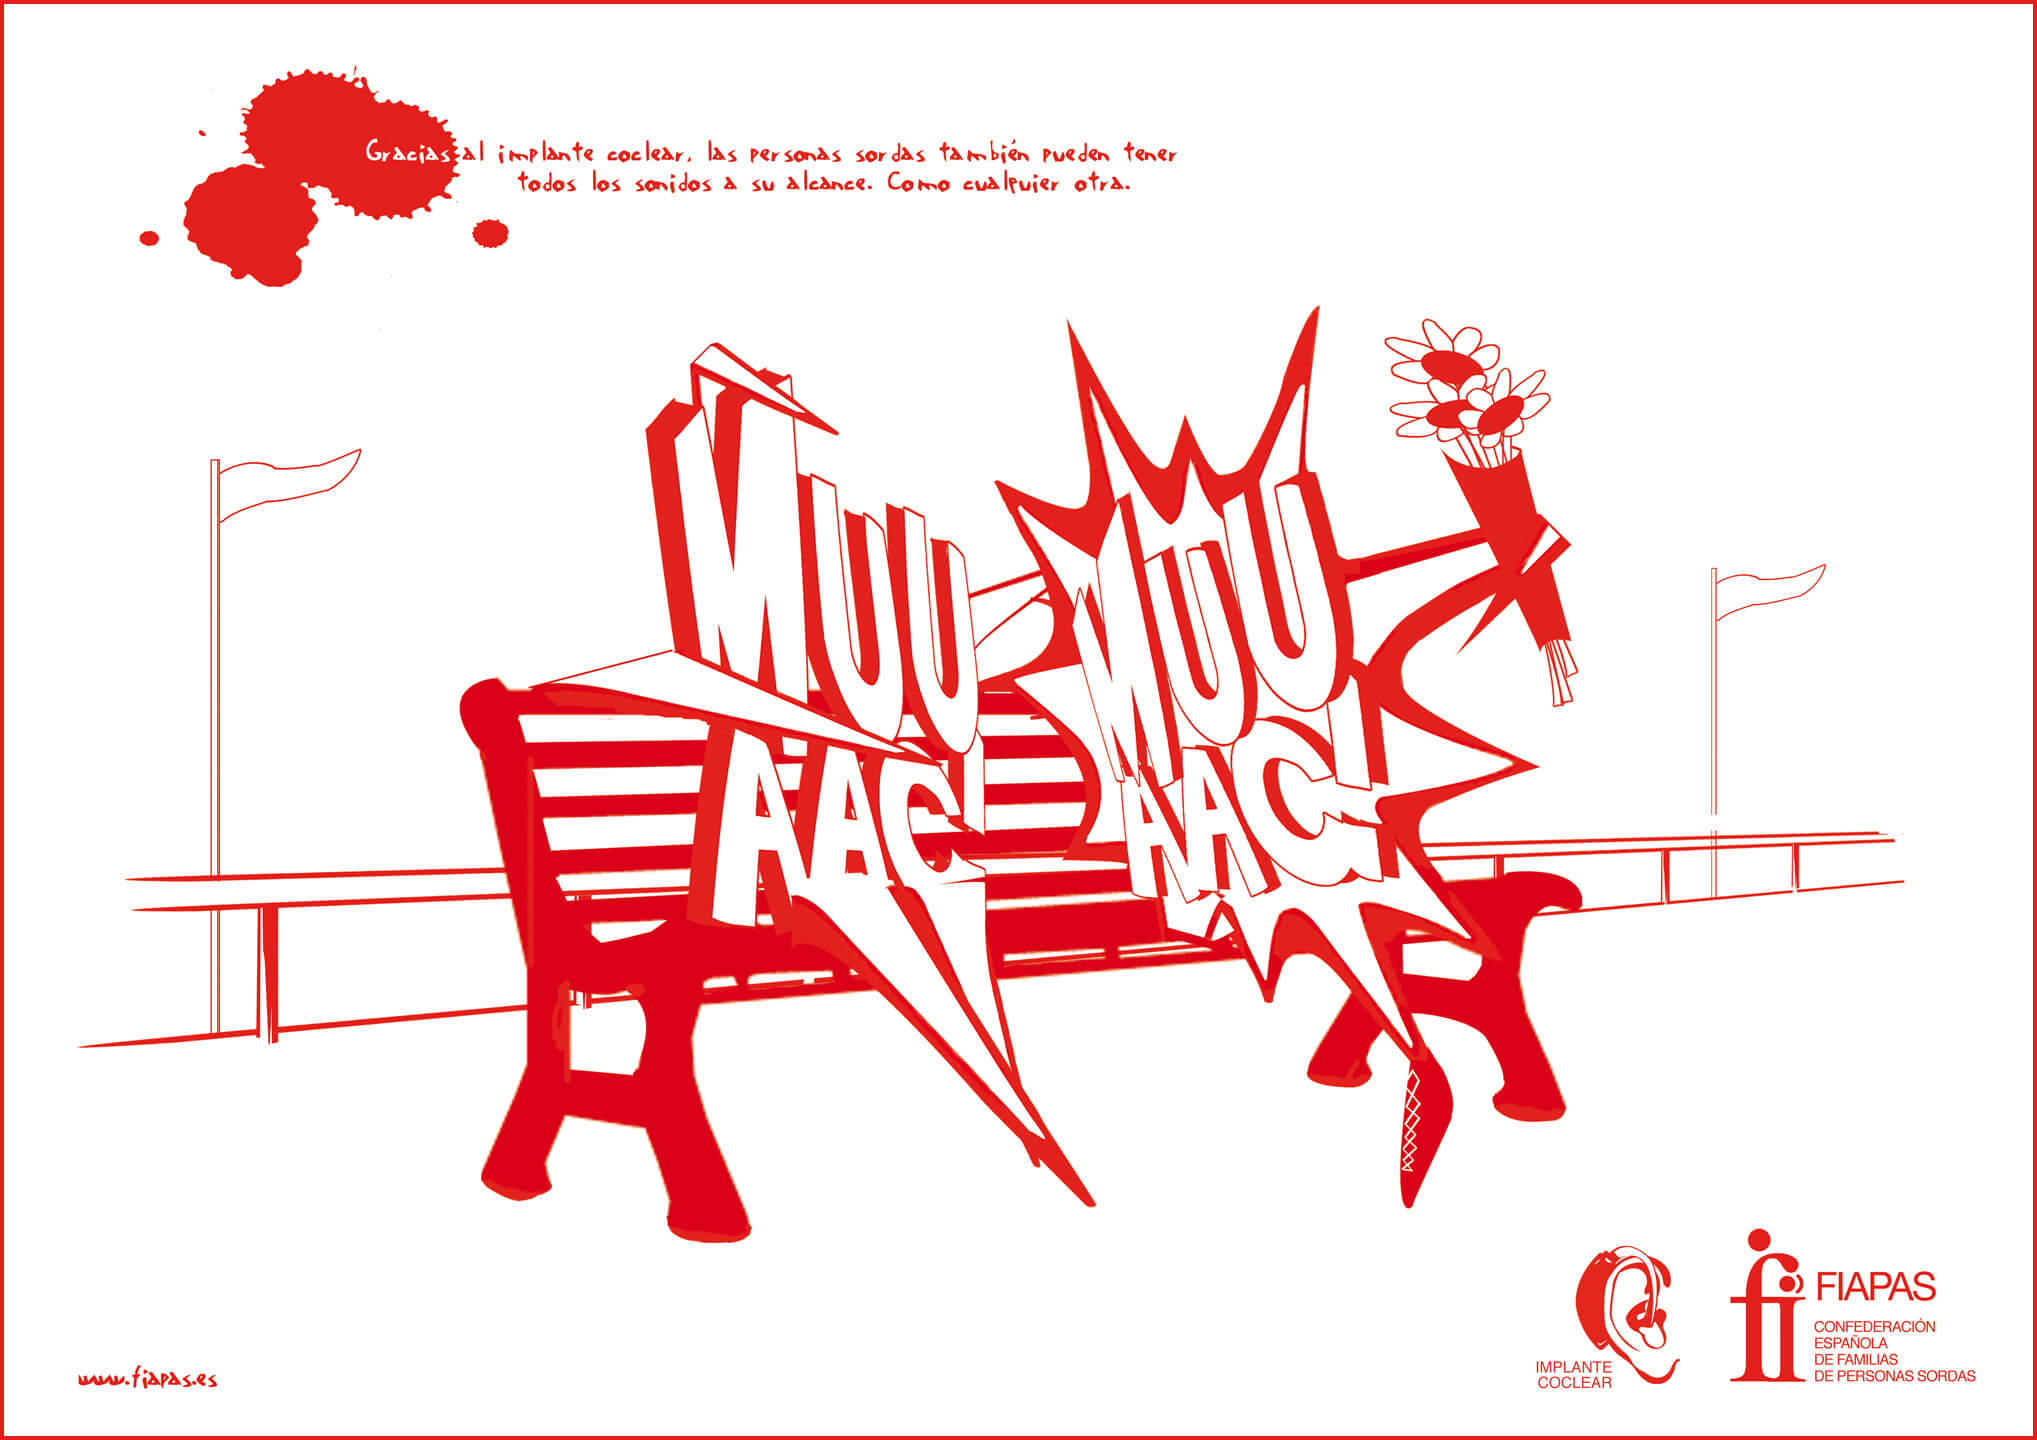 001-fiapas-grafica-beso